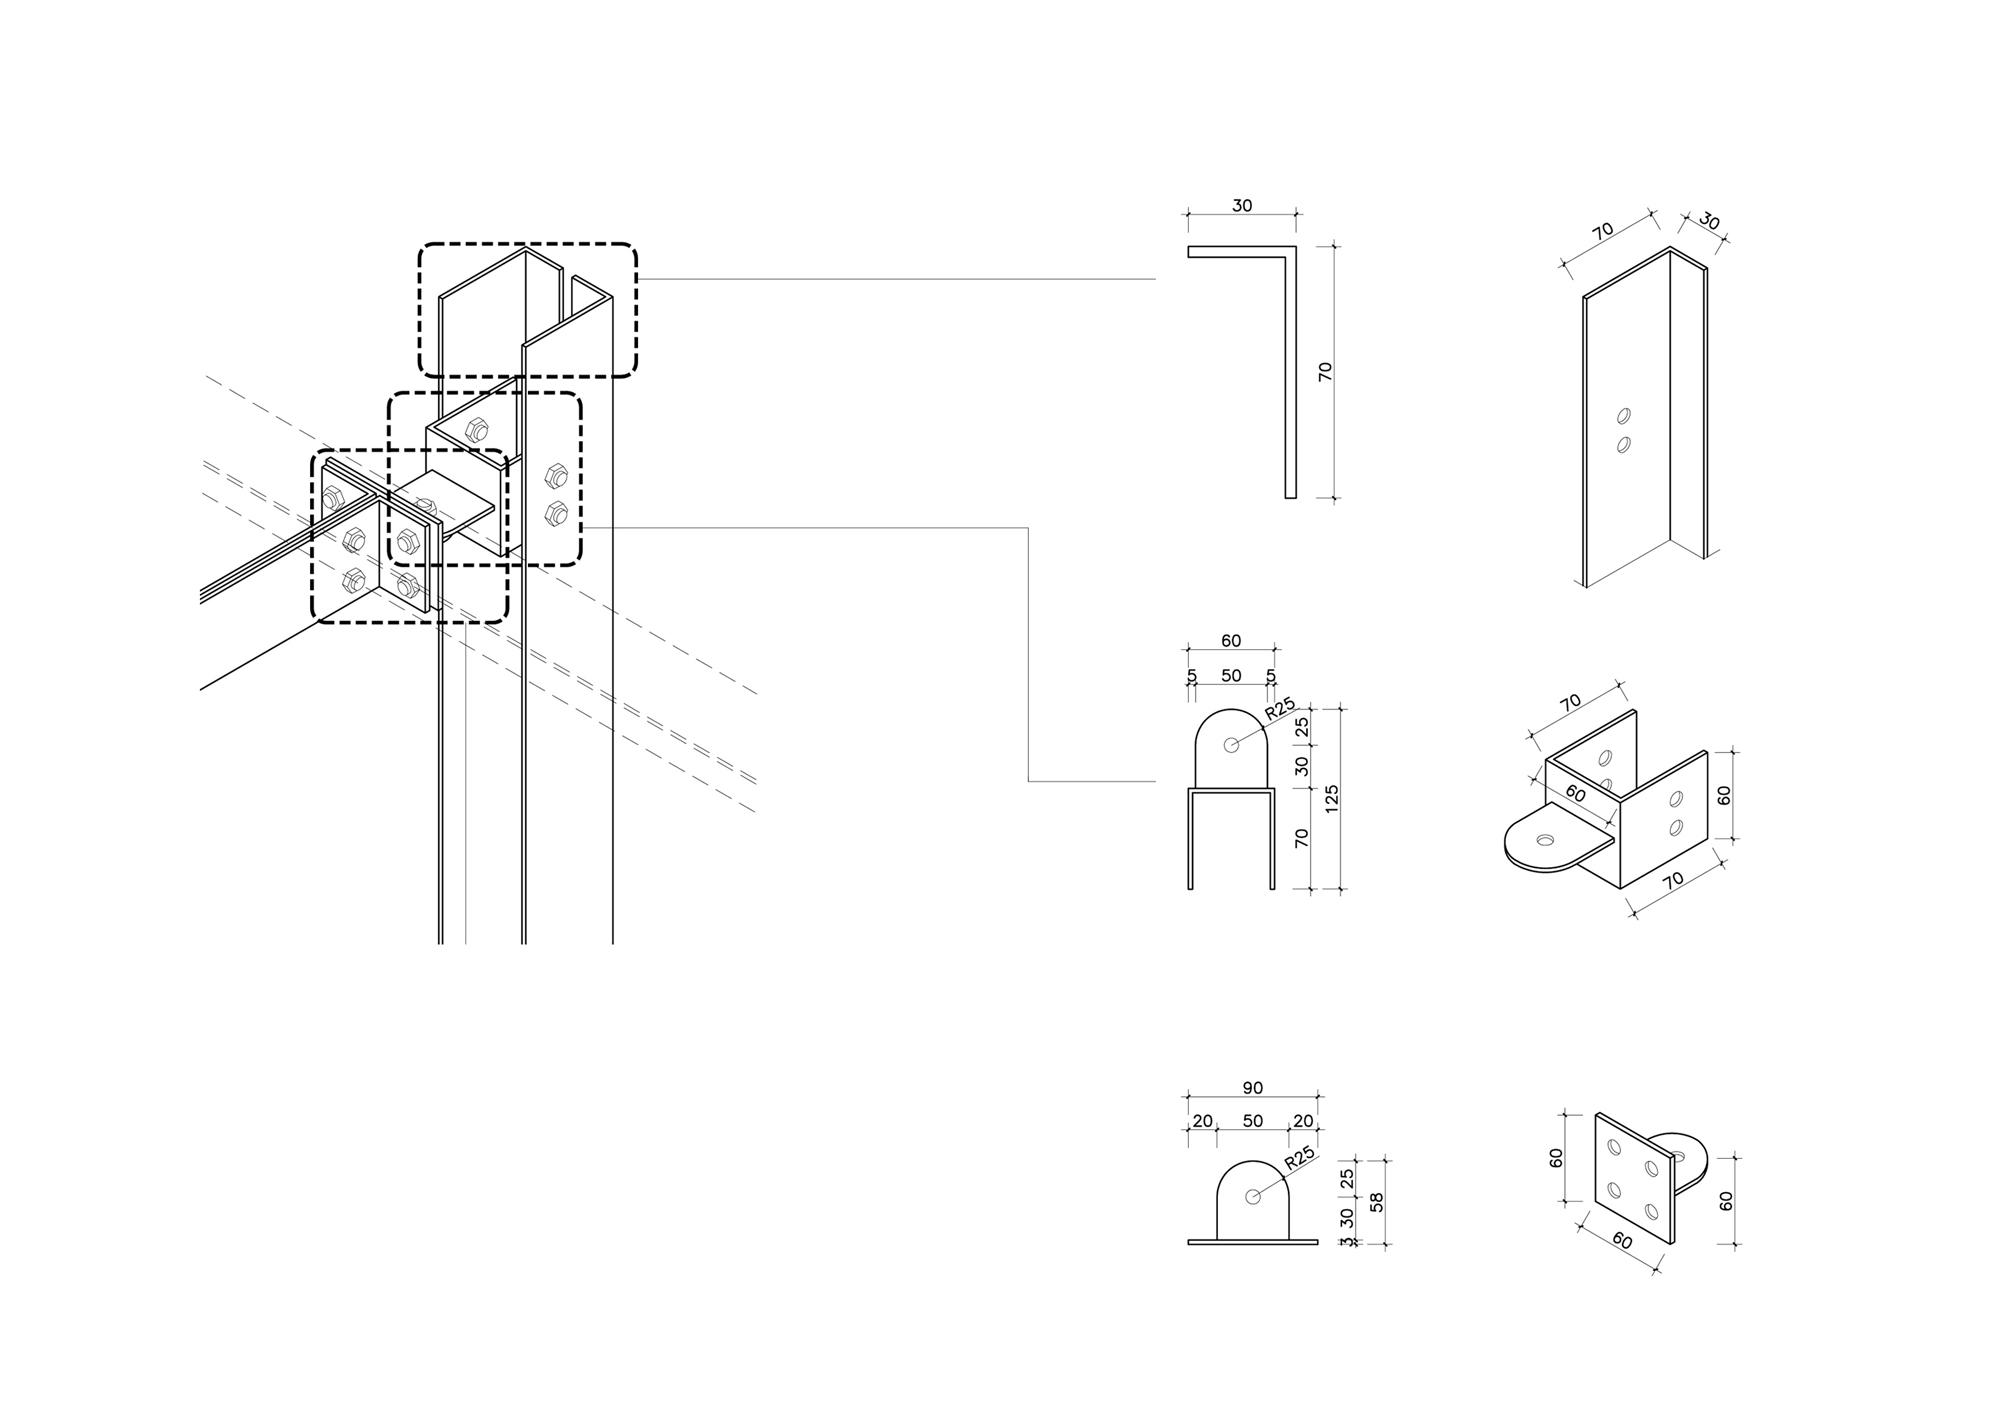 公共环境,住宅和办公设计,延伸至工业设计以及家具和产品设计等.图片